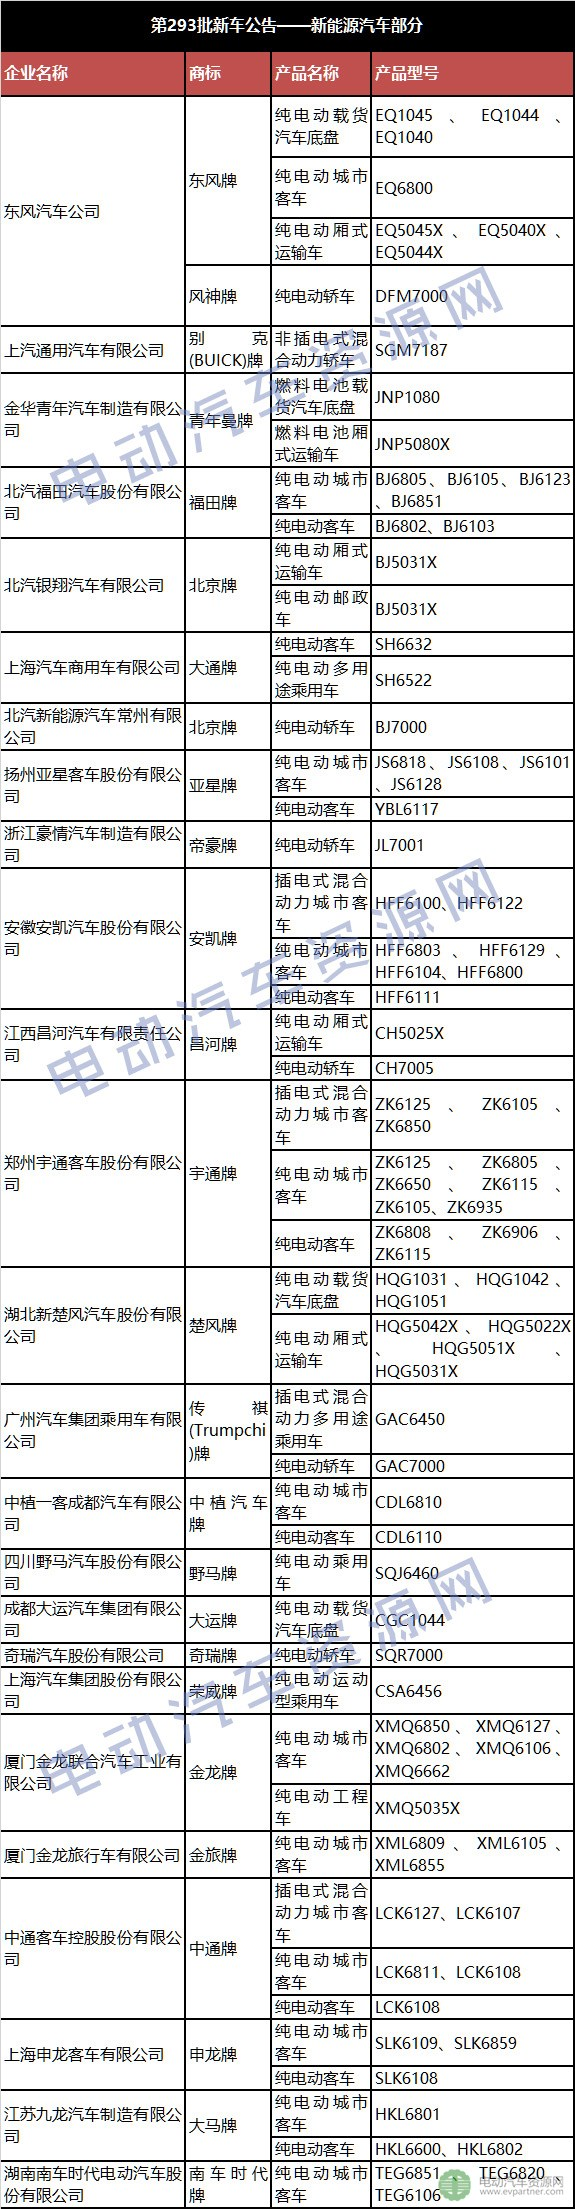 工信部第290批新车公告——新能源汽车部分